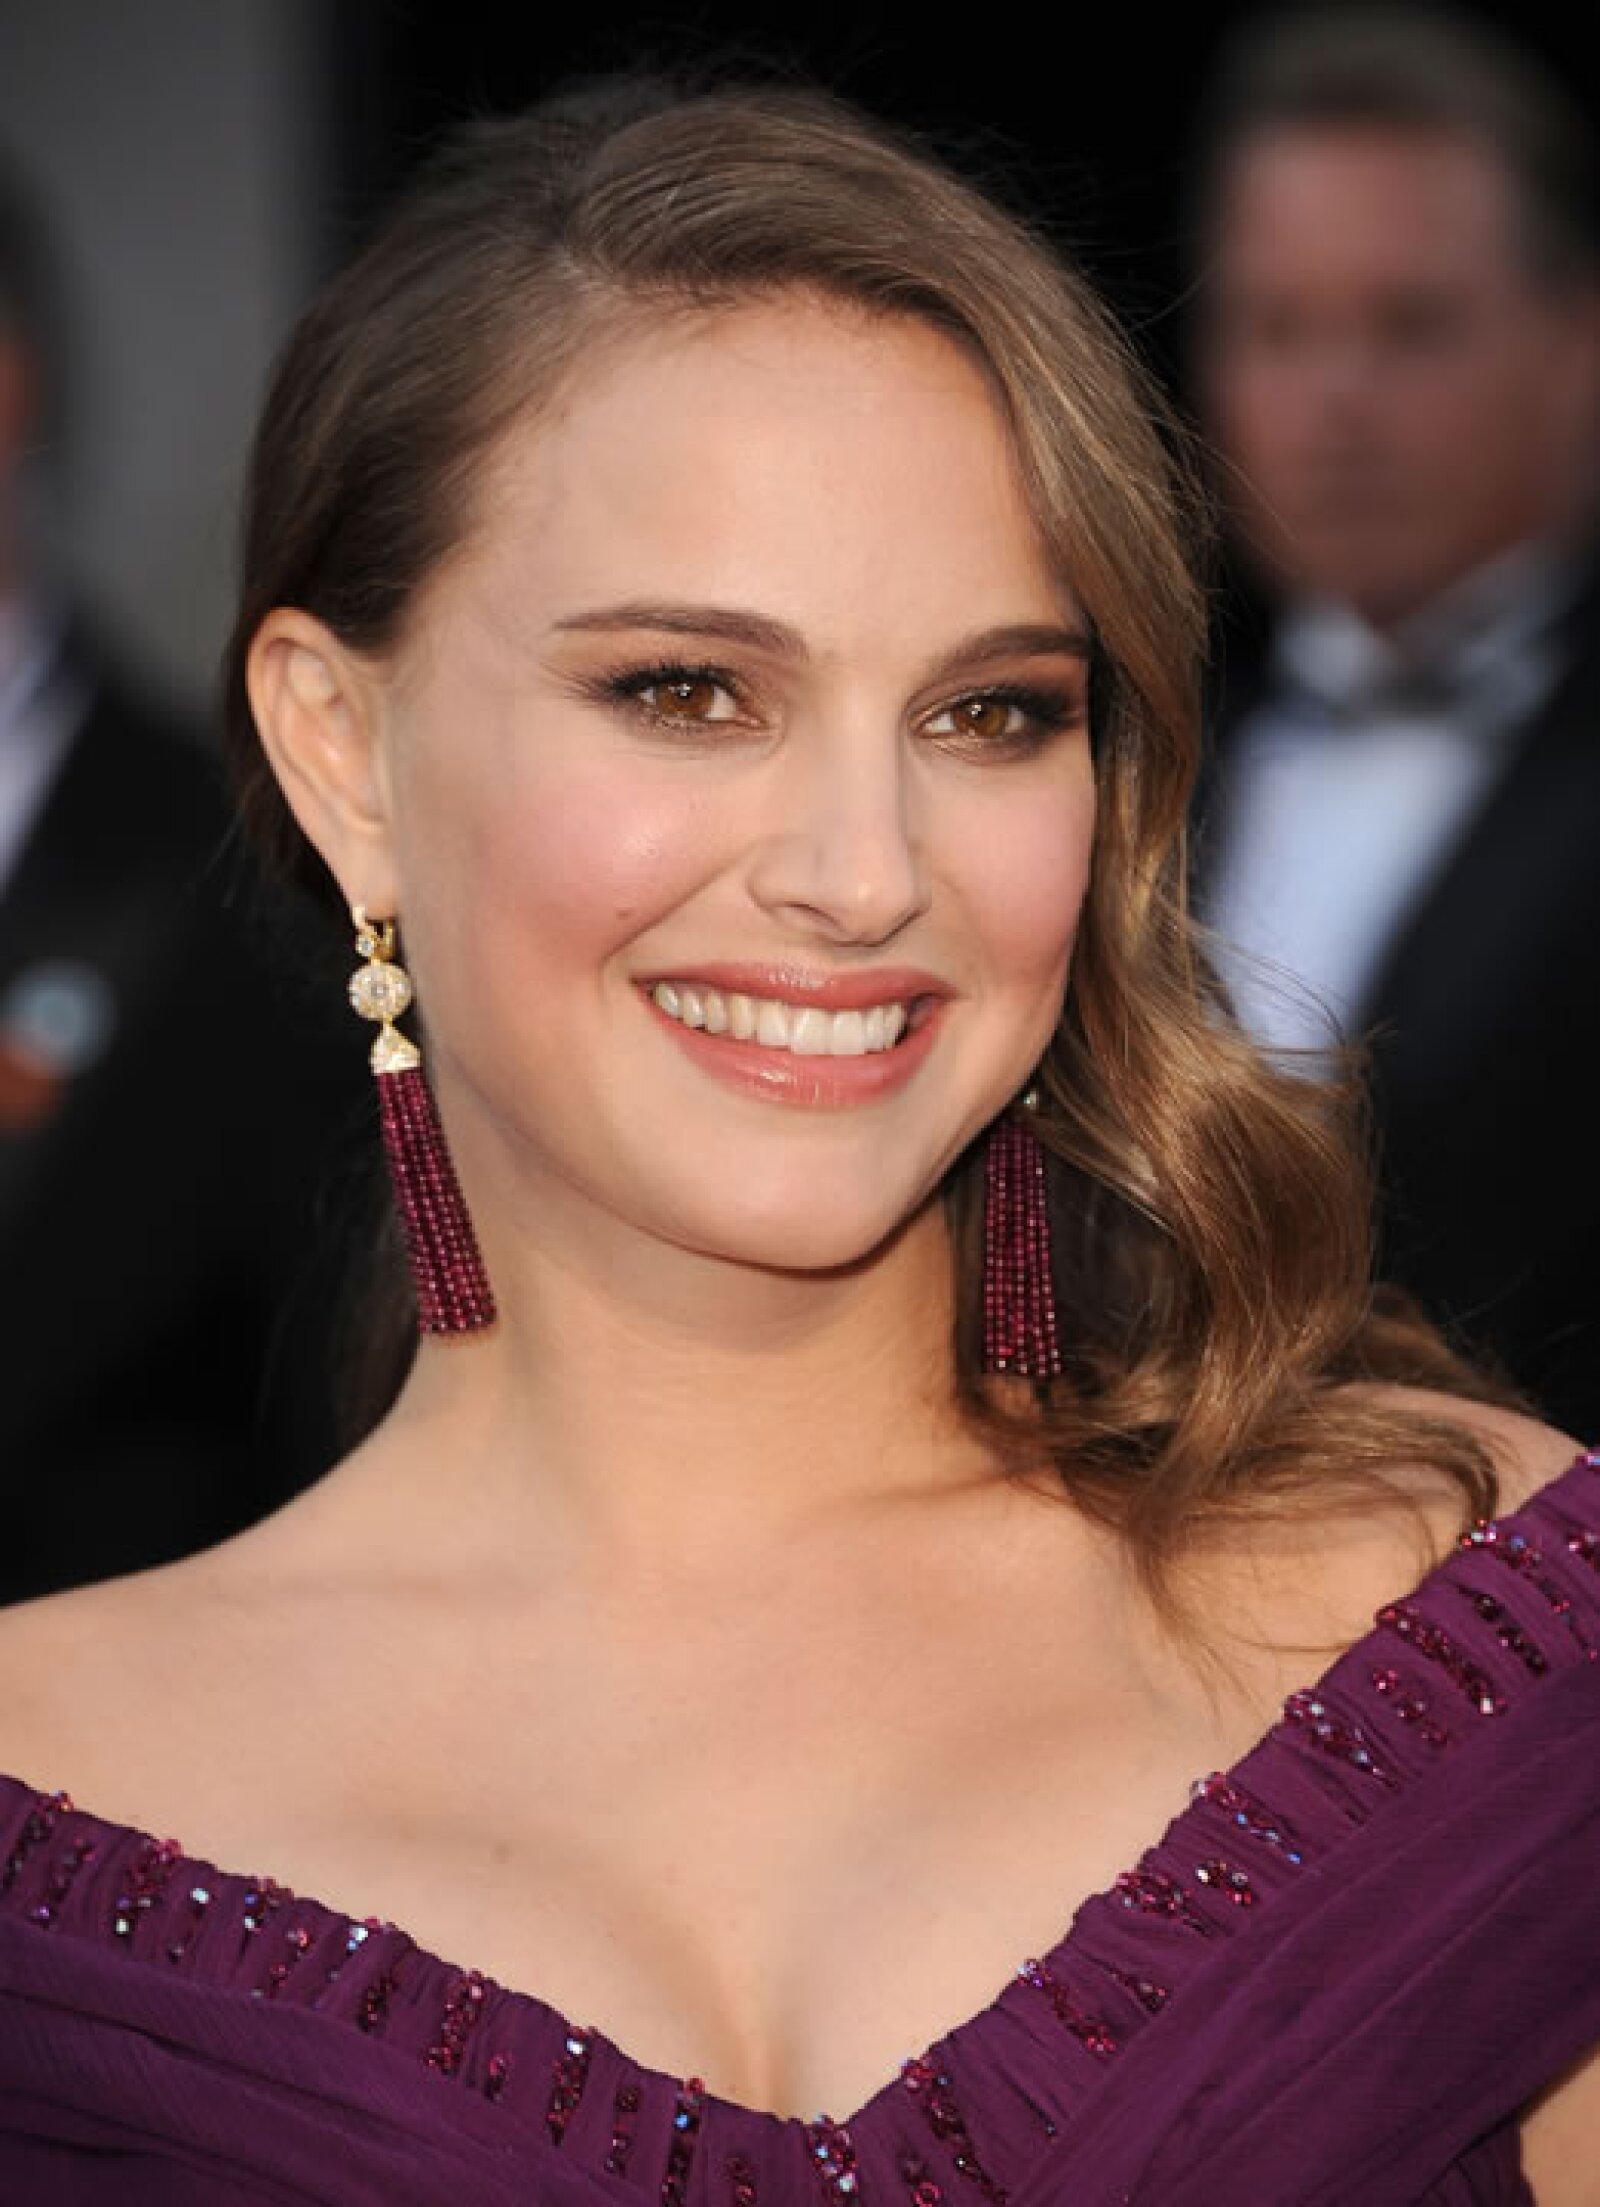 El año que Natalie Portman ganó el Oscar, llevaba unos pendientes de Tiffany & Co. del mismo tono de su vestido Rodarte.